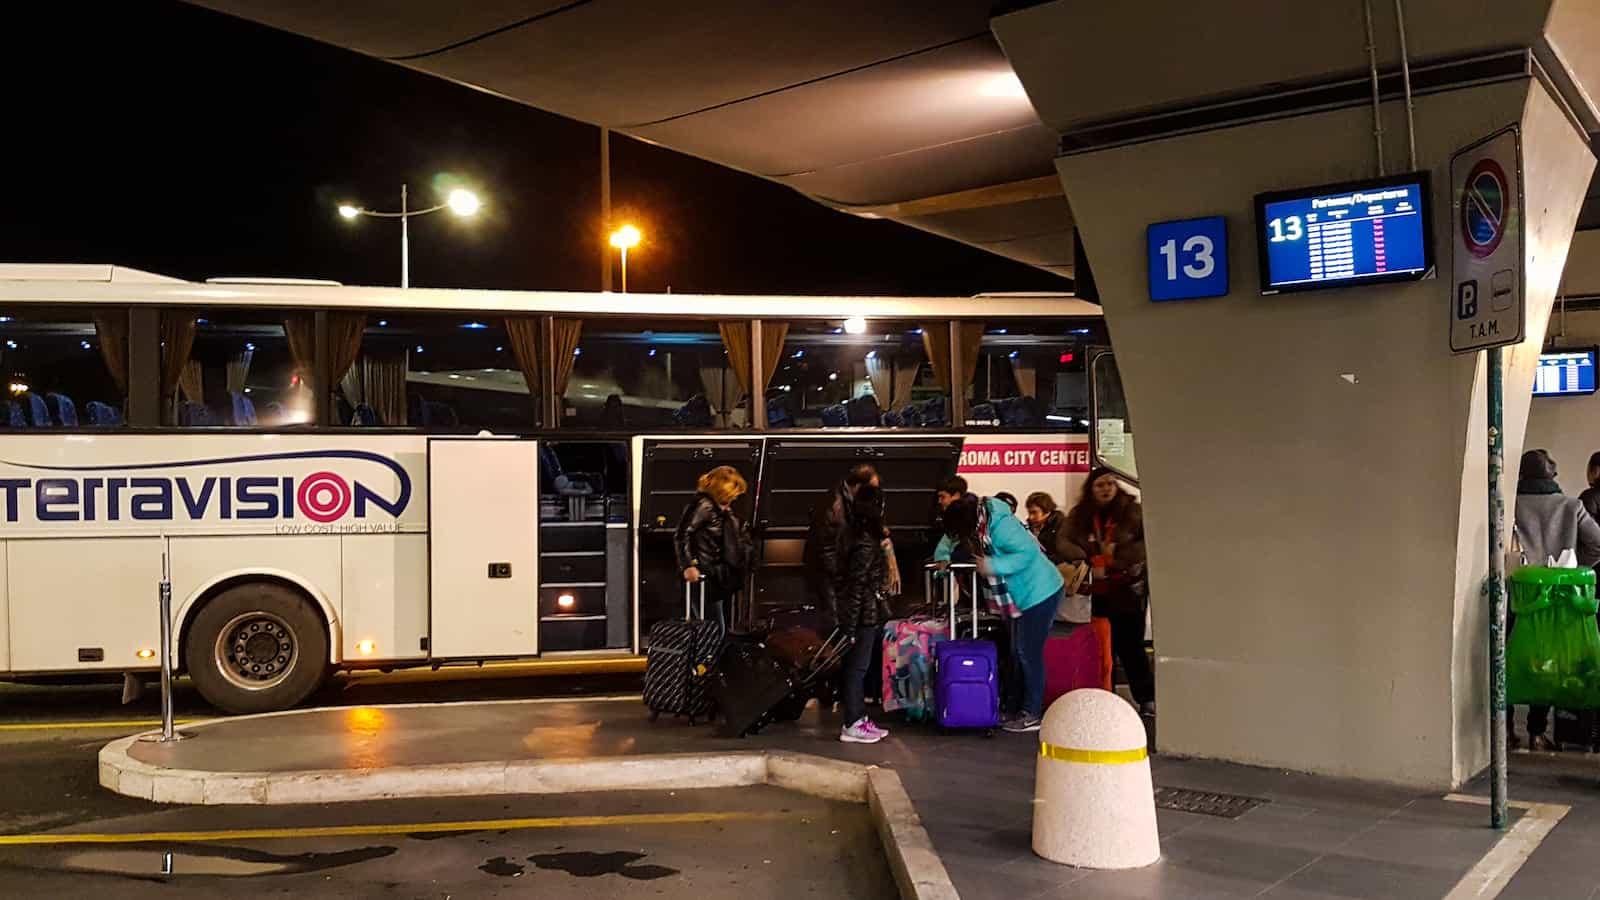 Terravision Rome Airport